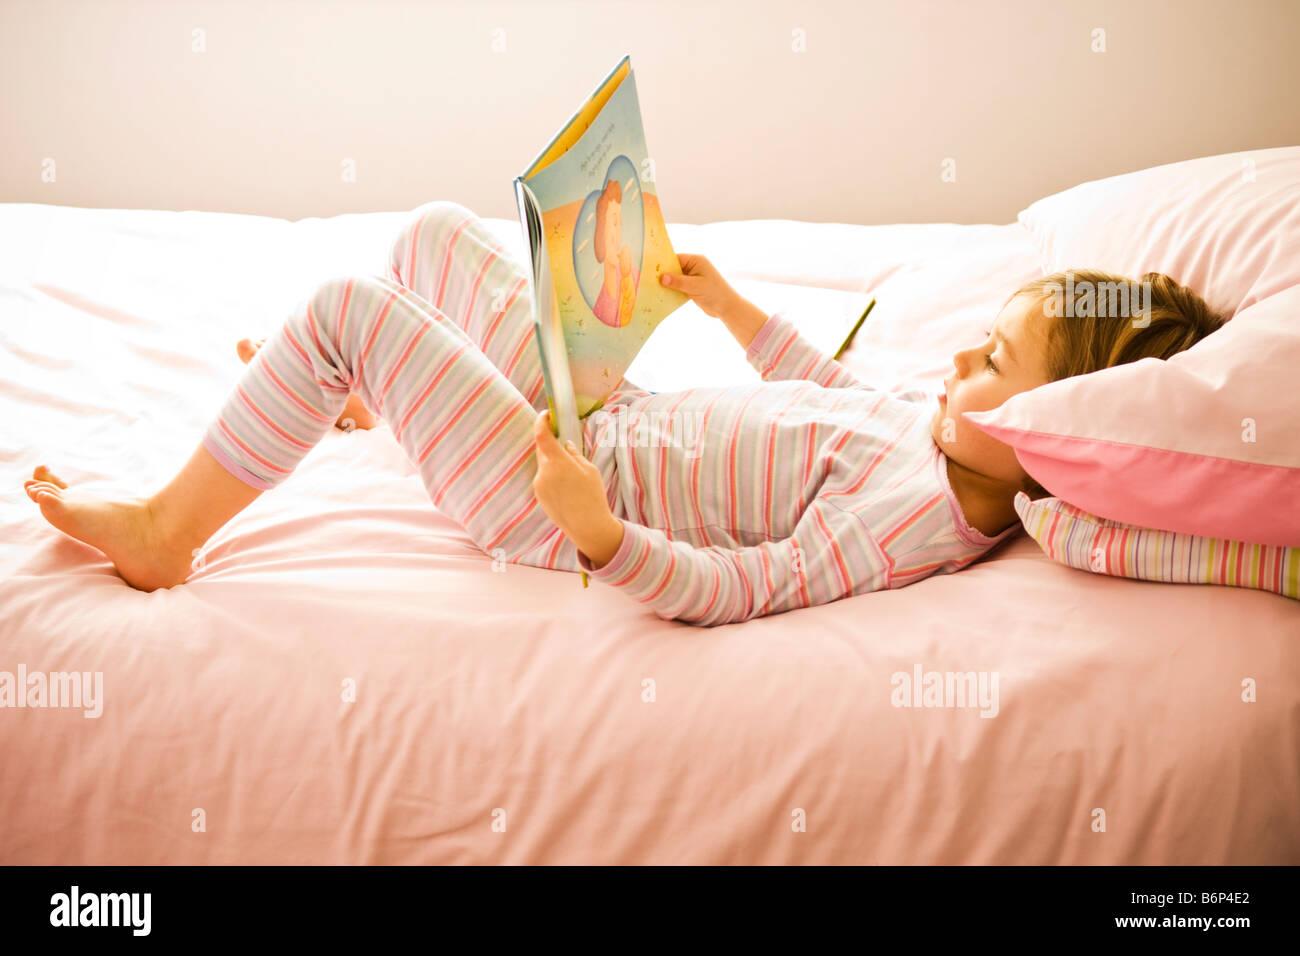 Fille, 5 ans, se trouve sur un lit rose confortable pour lire un livre. Photo Stock